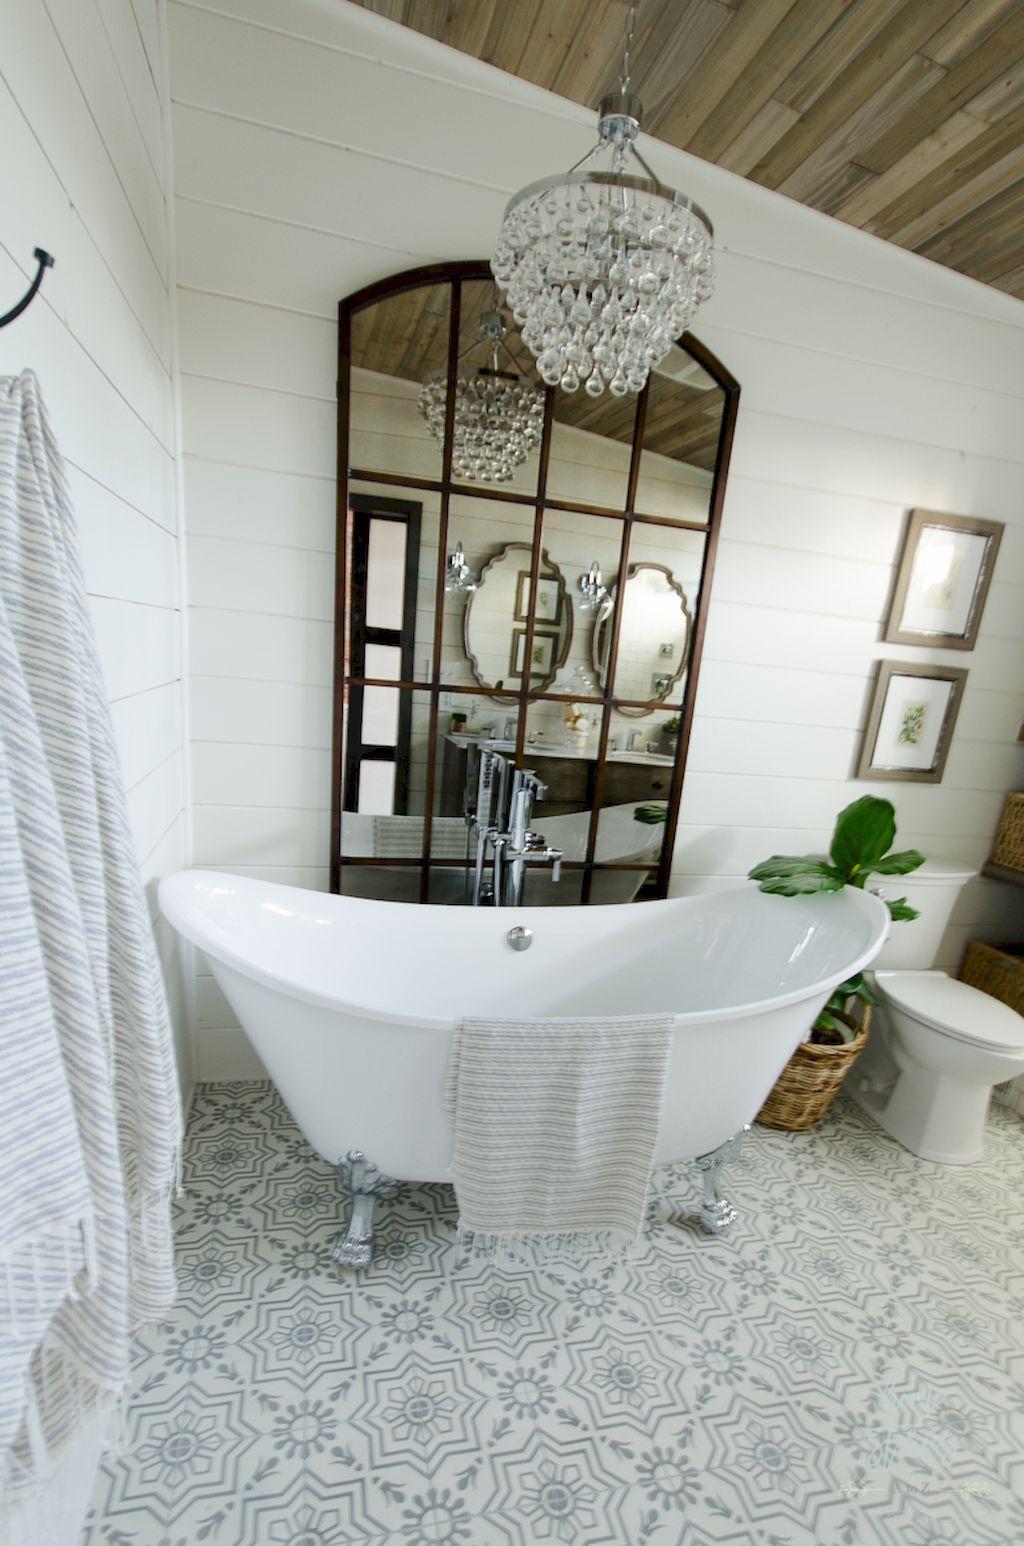 150 Awesome Farmhouse Bathroom Tile Floor Decor Ideas And ... on Farmhouse Tile Bathroom Floor  id=85031